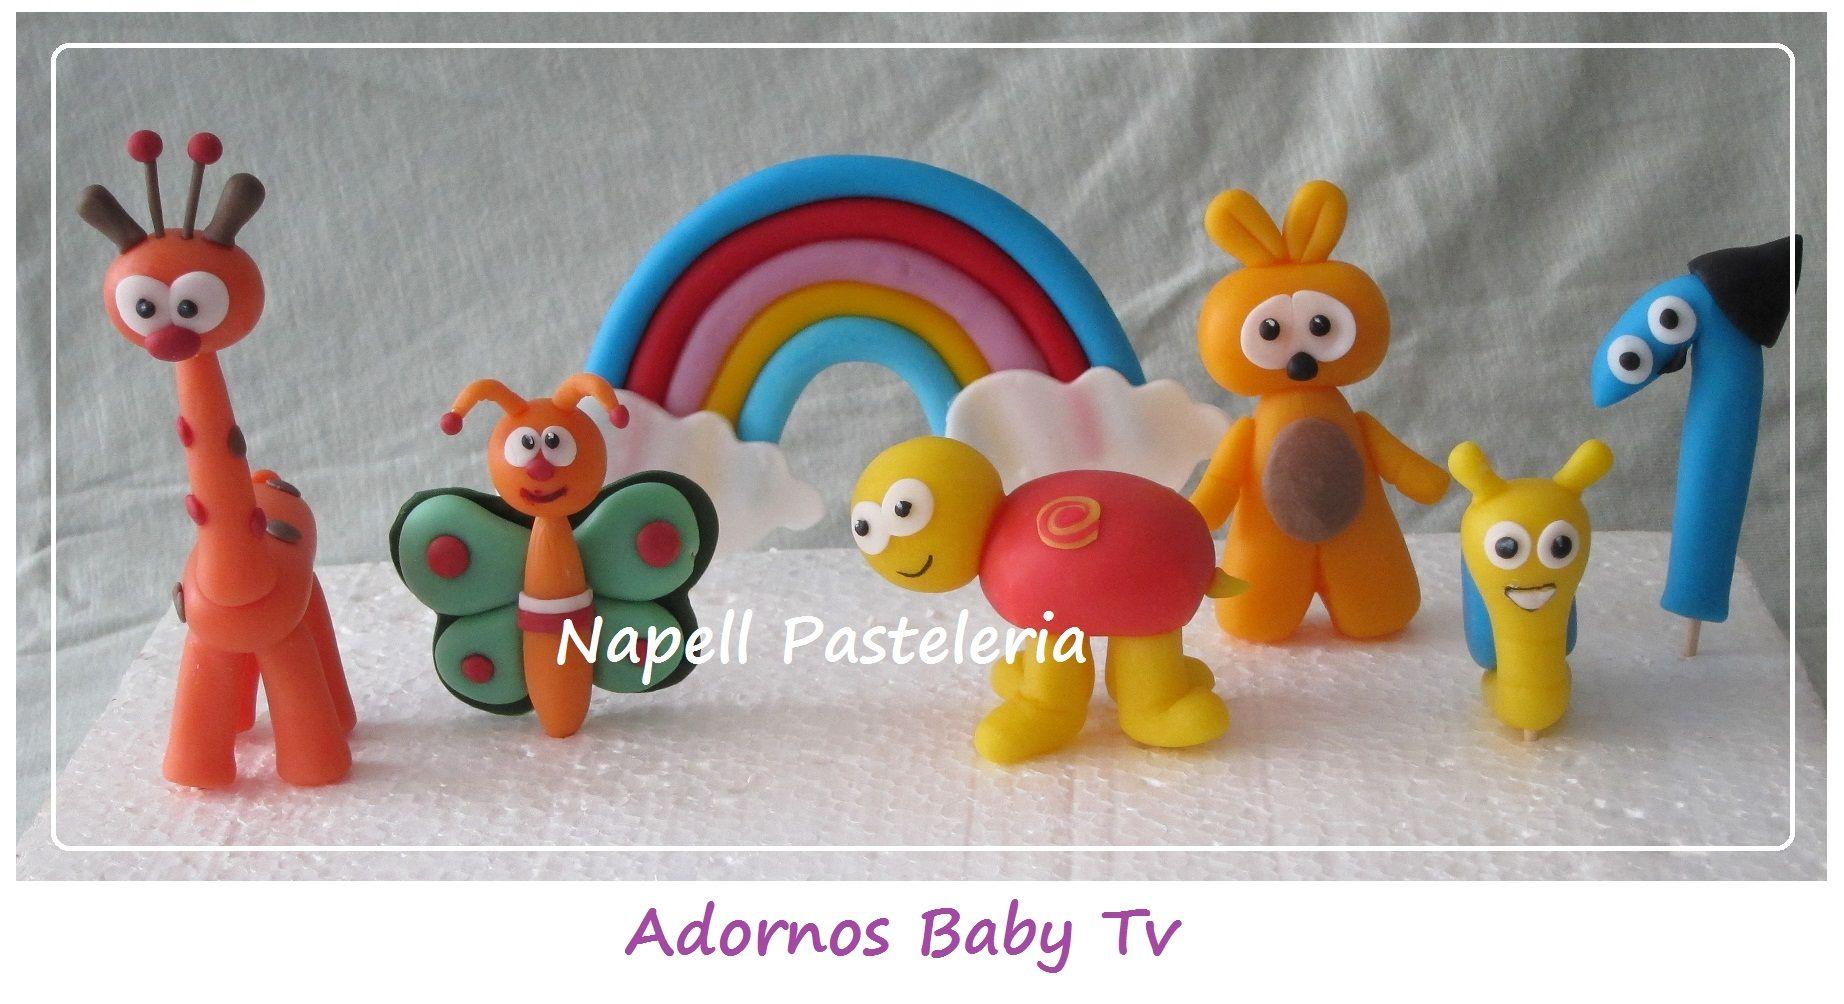 Adorno Baby Tv